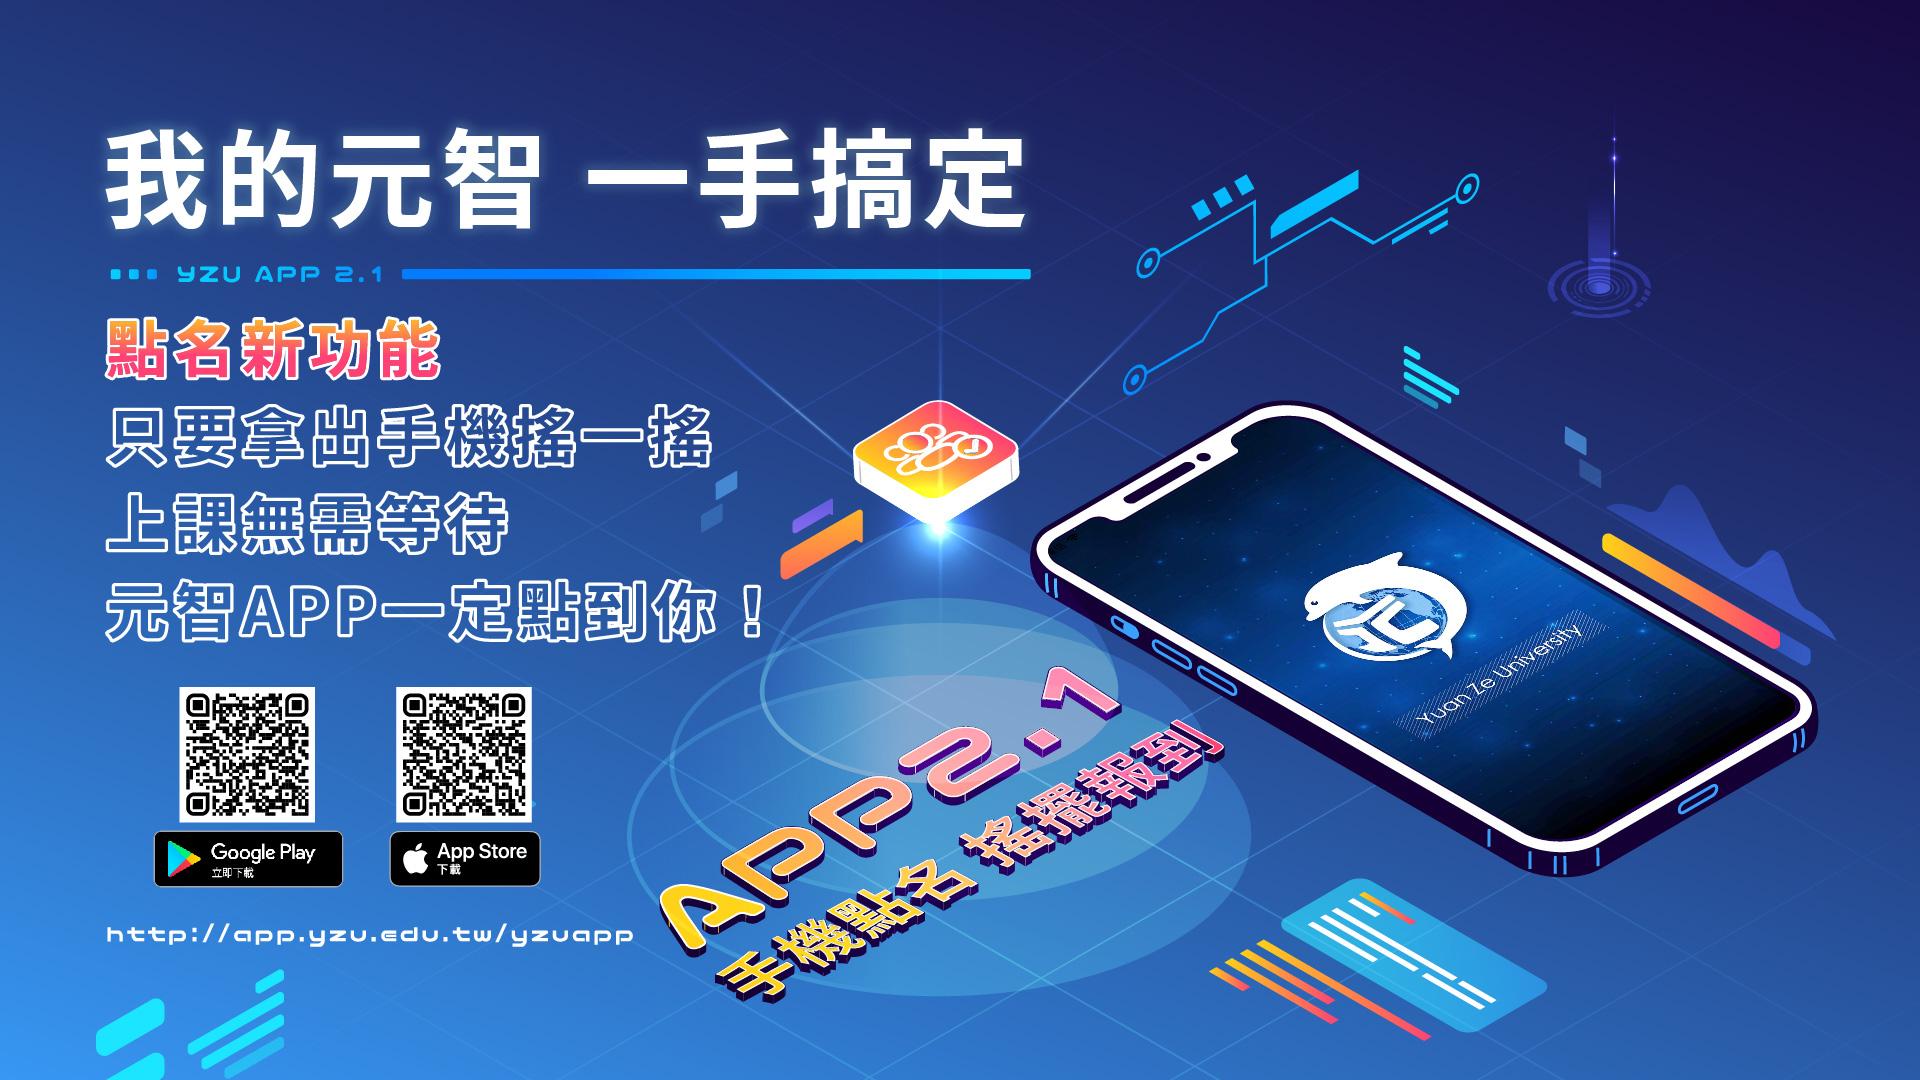 元智APP再進級,手機點名即將於6月初上線囉 !  敬請期待 (YZU App provides attendance roll call in June)